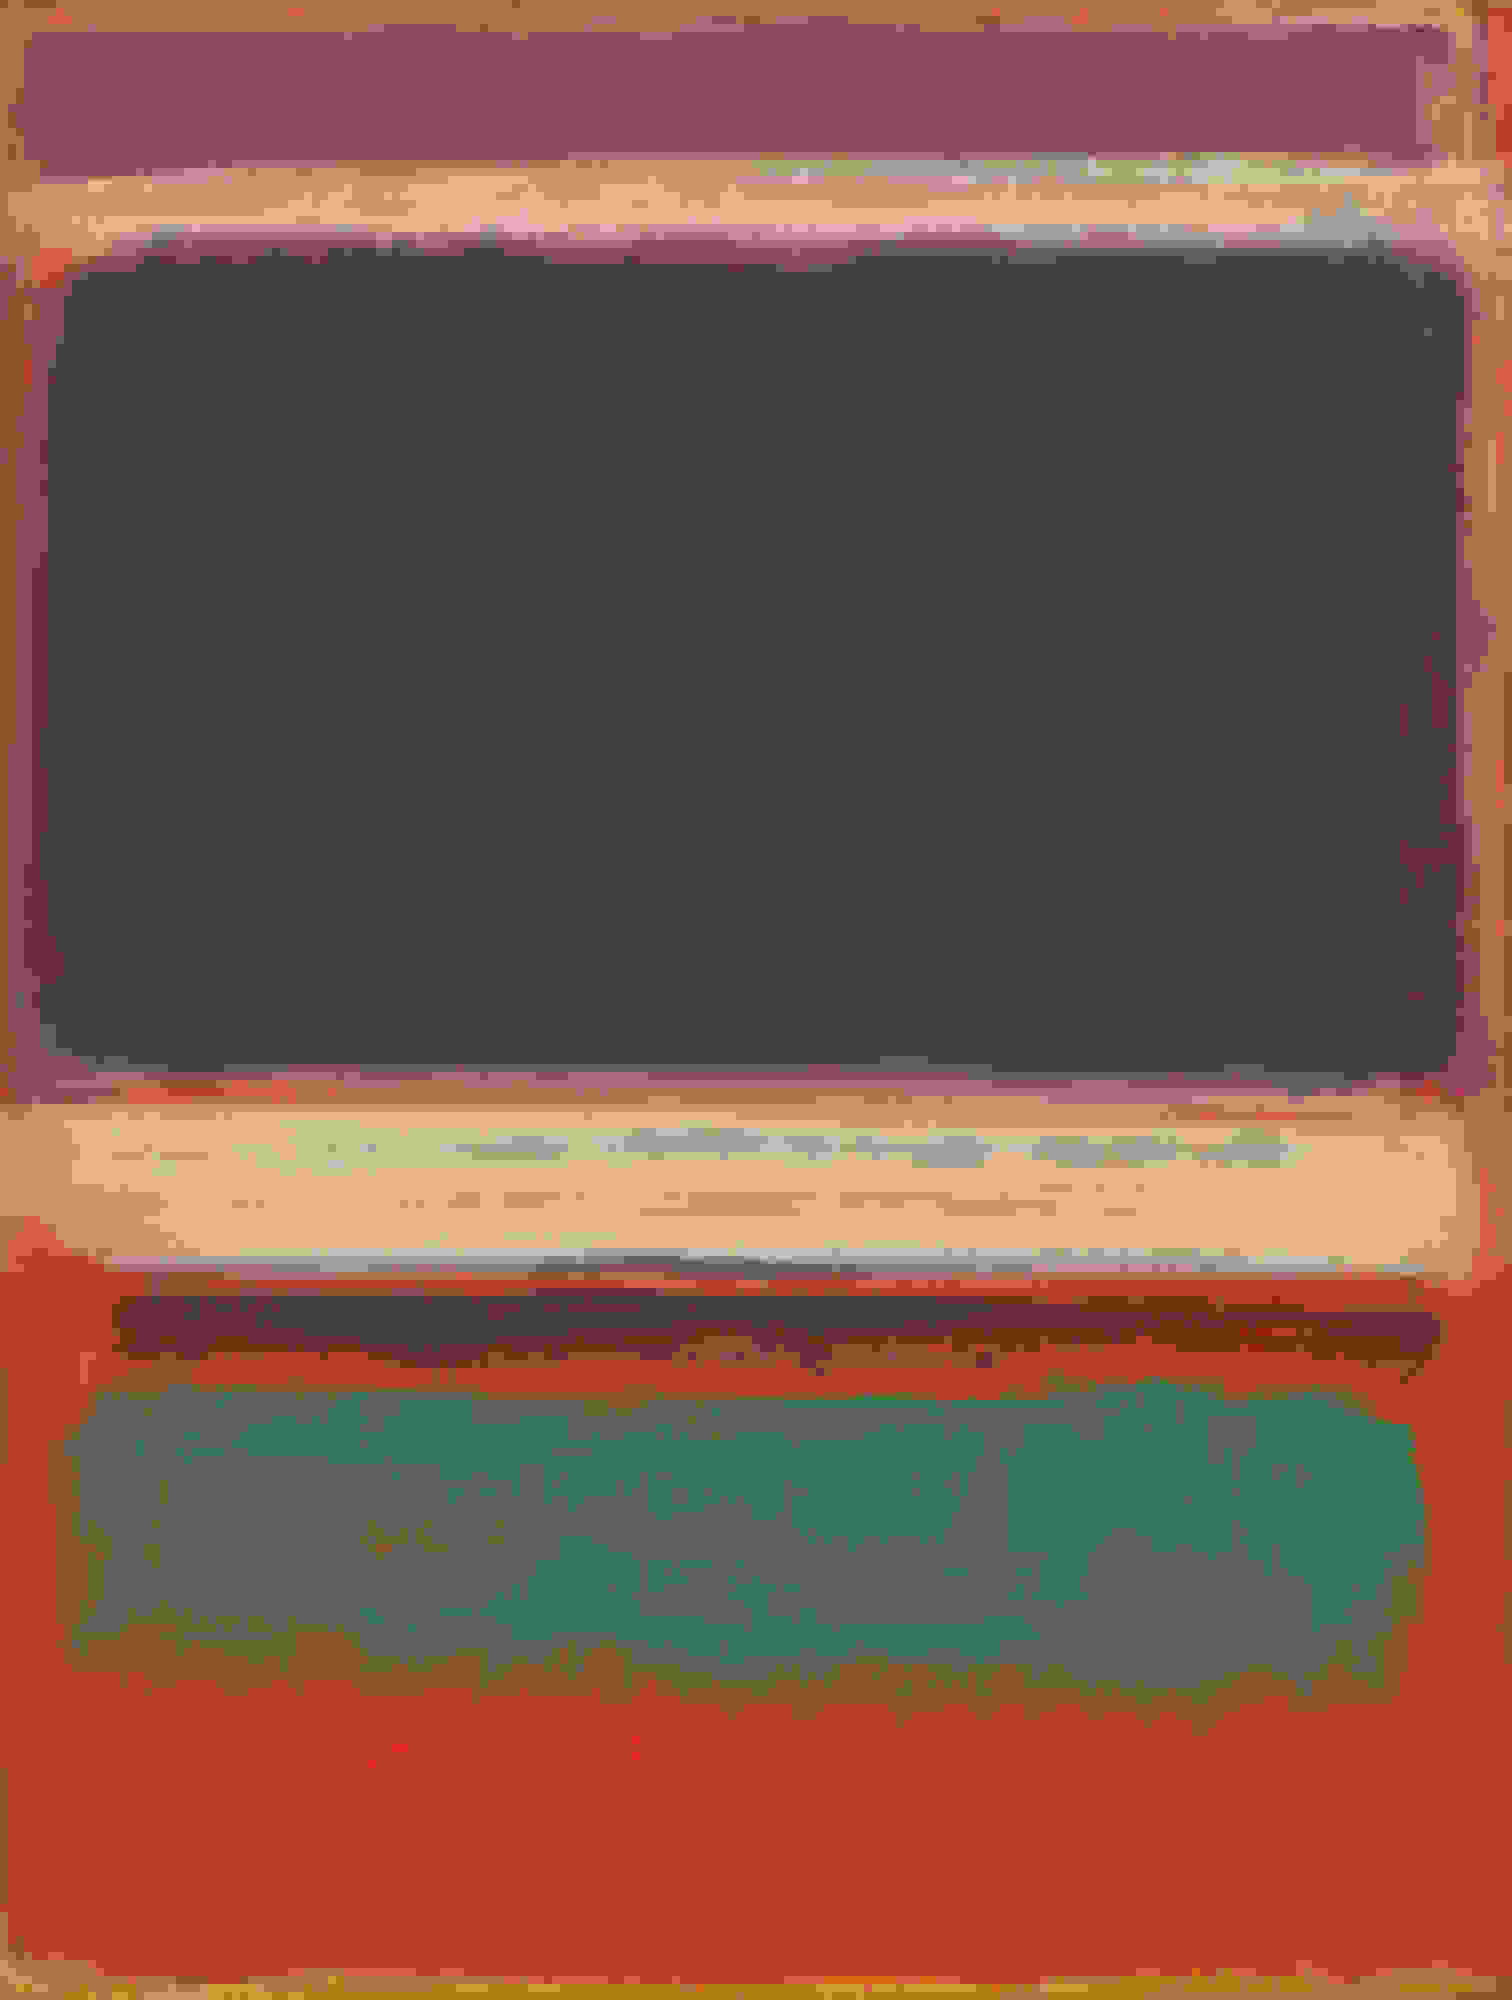 Rothko's No. 3/No. 13 (1949) | Source: moma.org